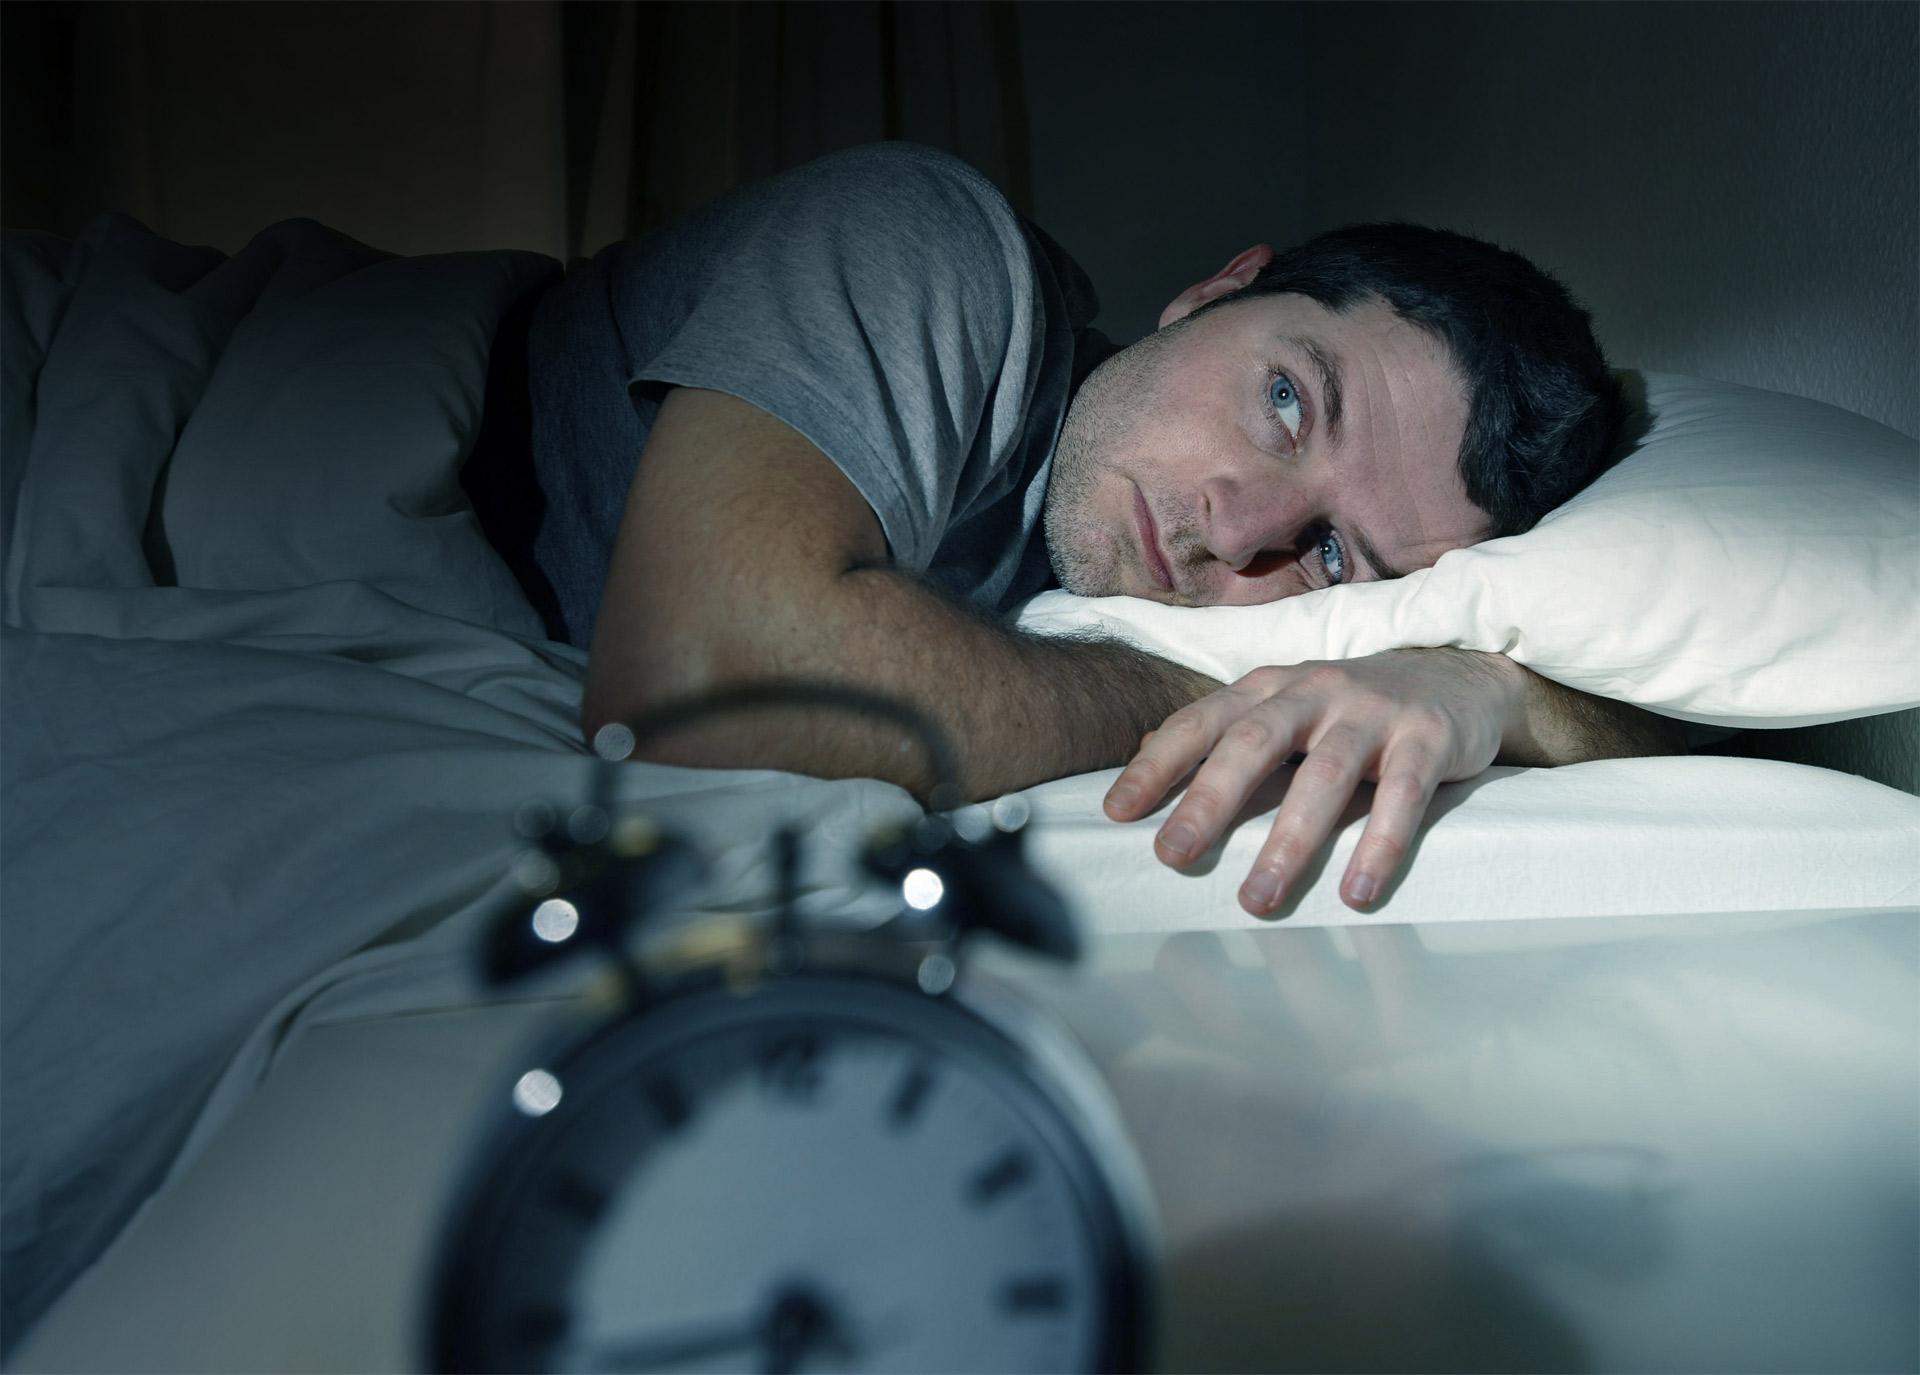 Antes de recurrir a pastillas, es mejor hacer frente a los hábitos diarios que dificultan conciliar el sueño de manera natural